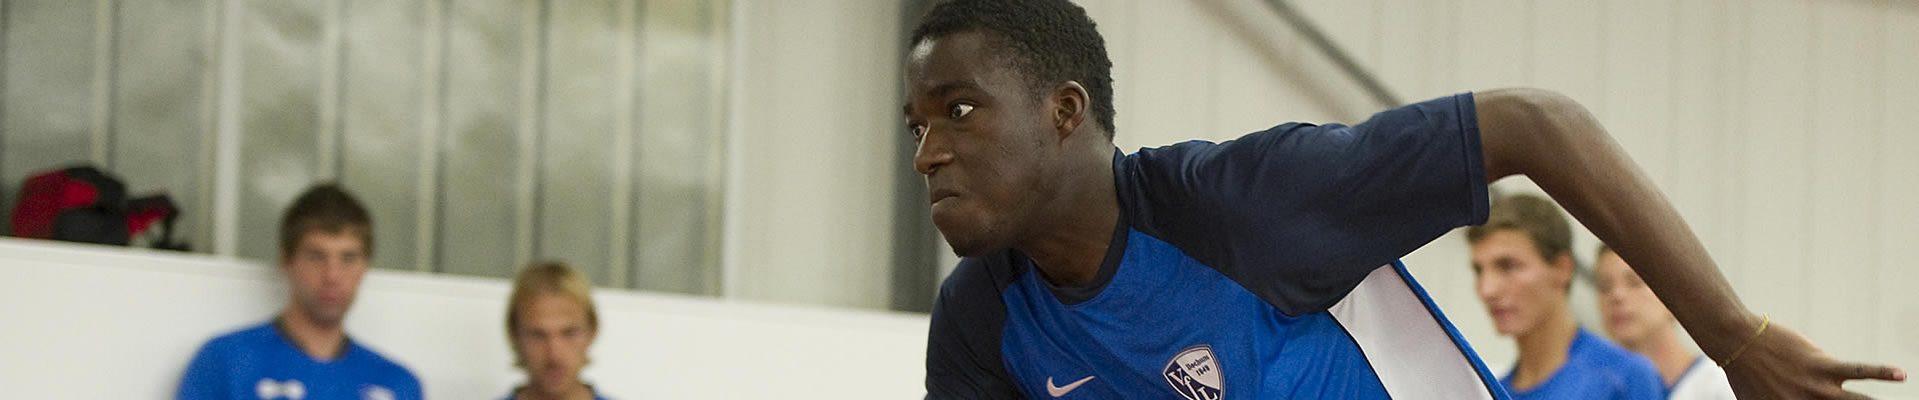 Sprinter beim Training in der Halle